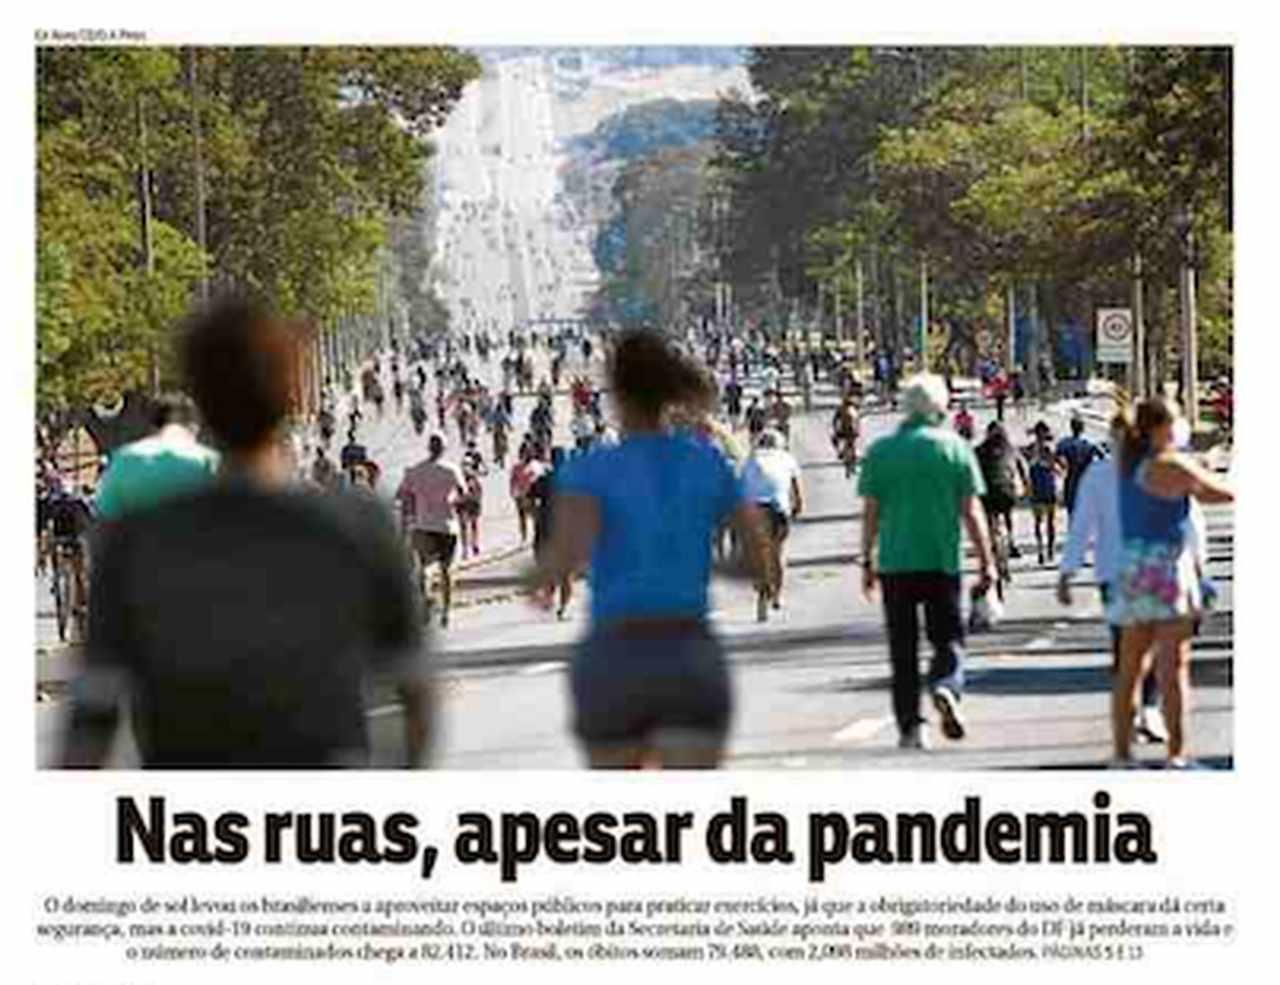 Capa dos jornais de hoje: o Brasil volta para as ruas